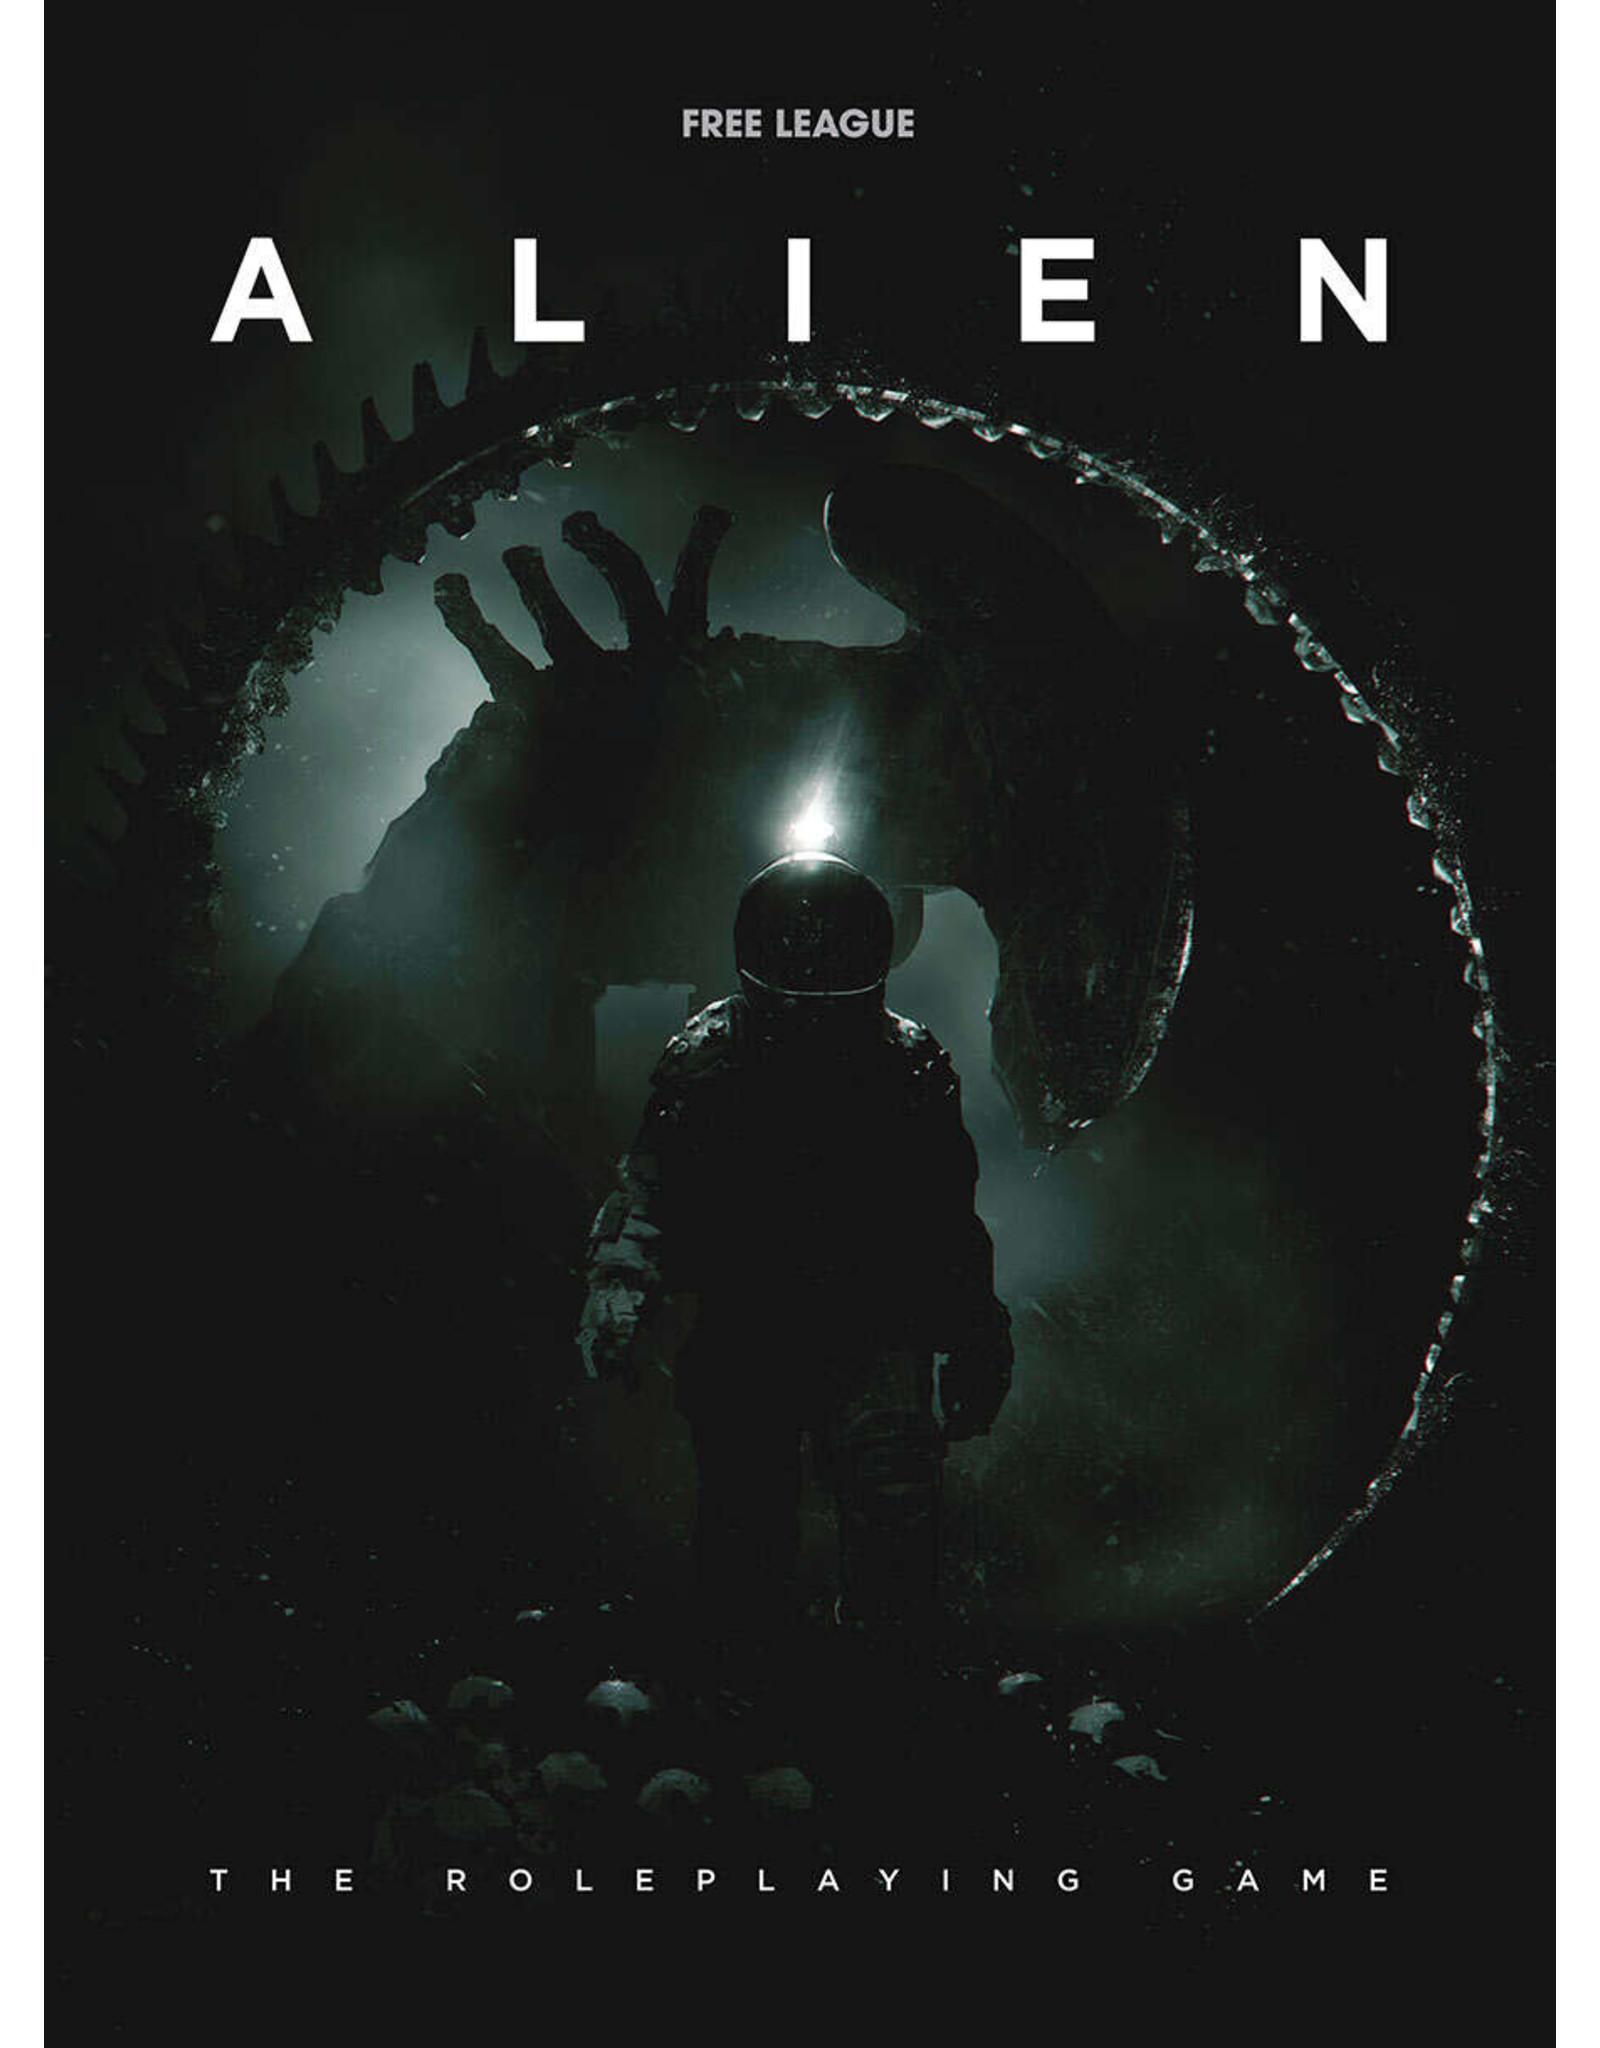 Alien RPG